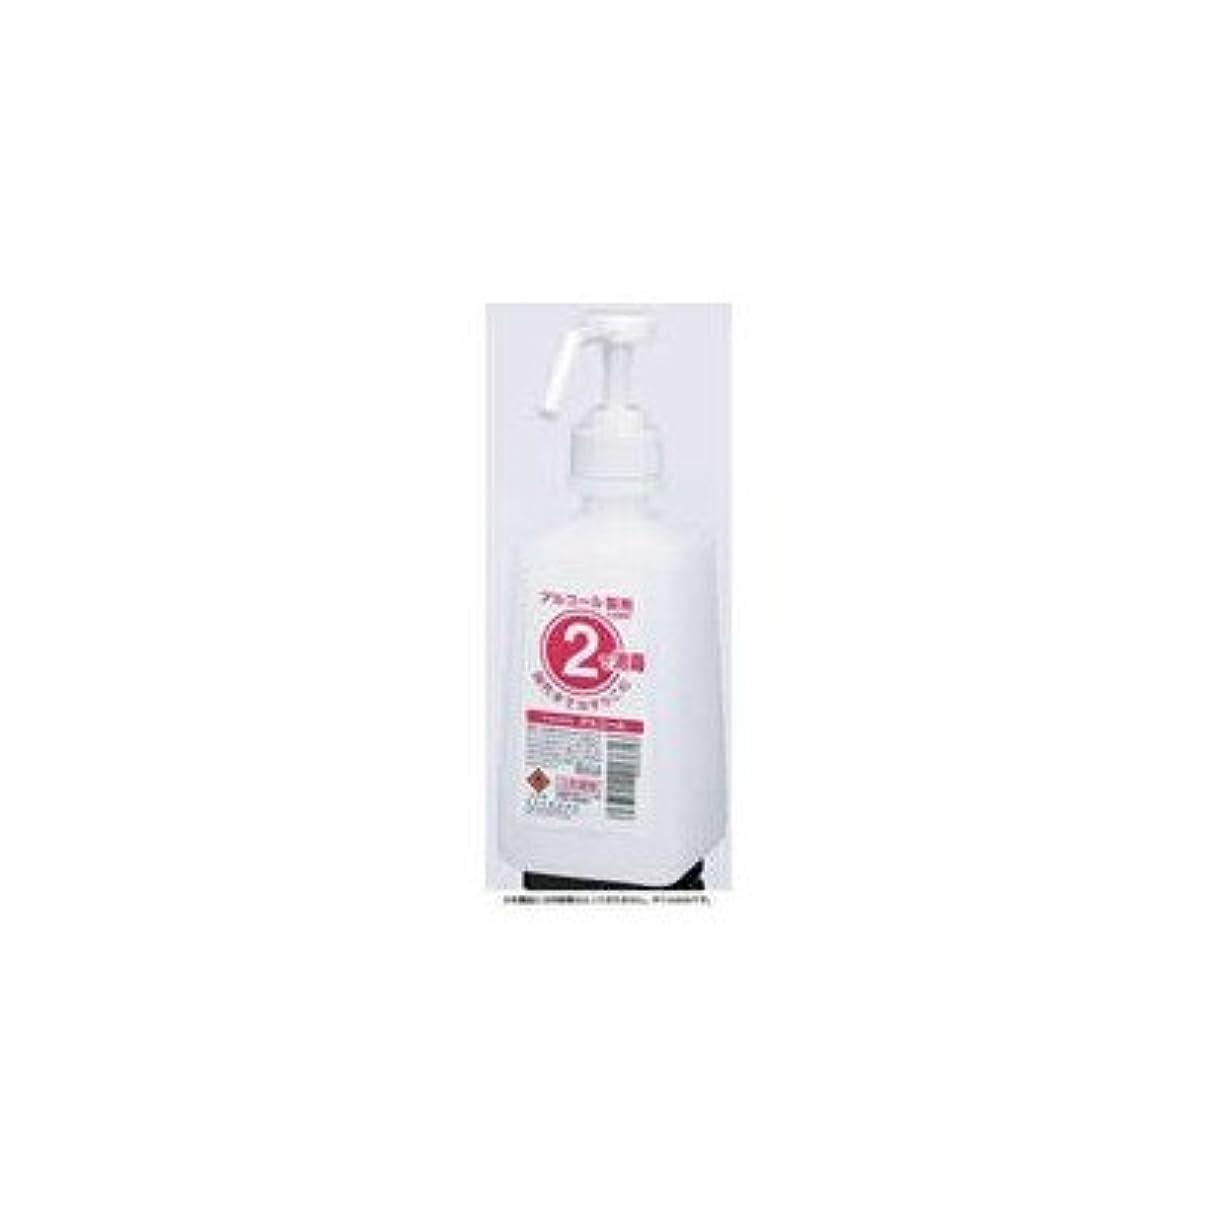 普遍的なフラグラント破滅的なアルコール消毒用2ボトル 1Lタイプ サラヤ 2ボトル 噴射ポンプ付 手指消毒剤用 薬液詰替容器 500ml×12本